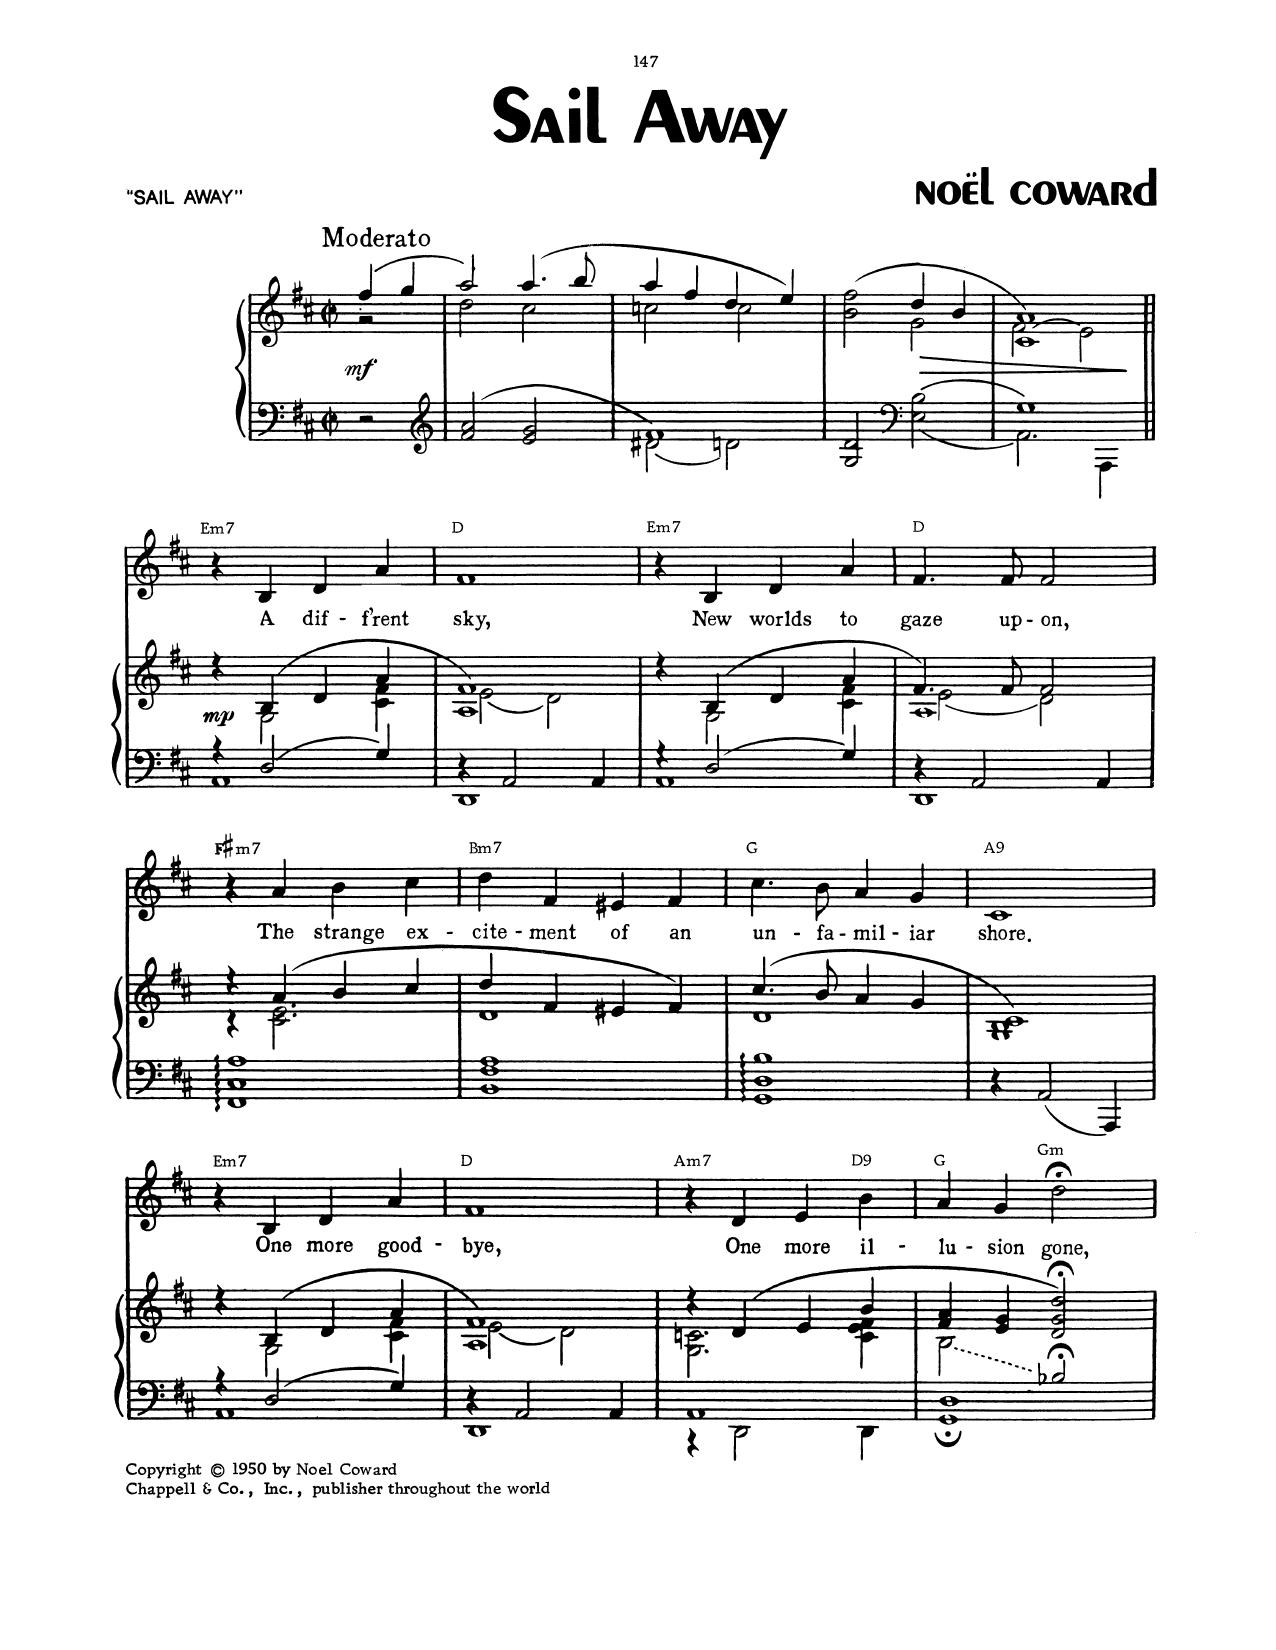 Noel Coward Sail Away sheet music notes and chords. Download Printable PDF.